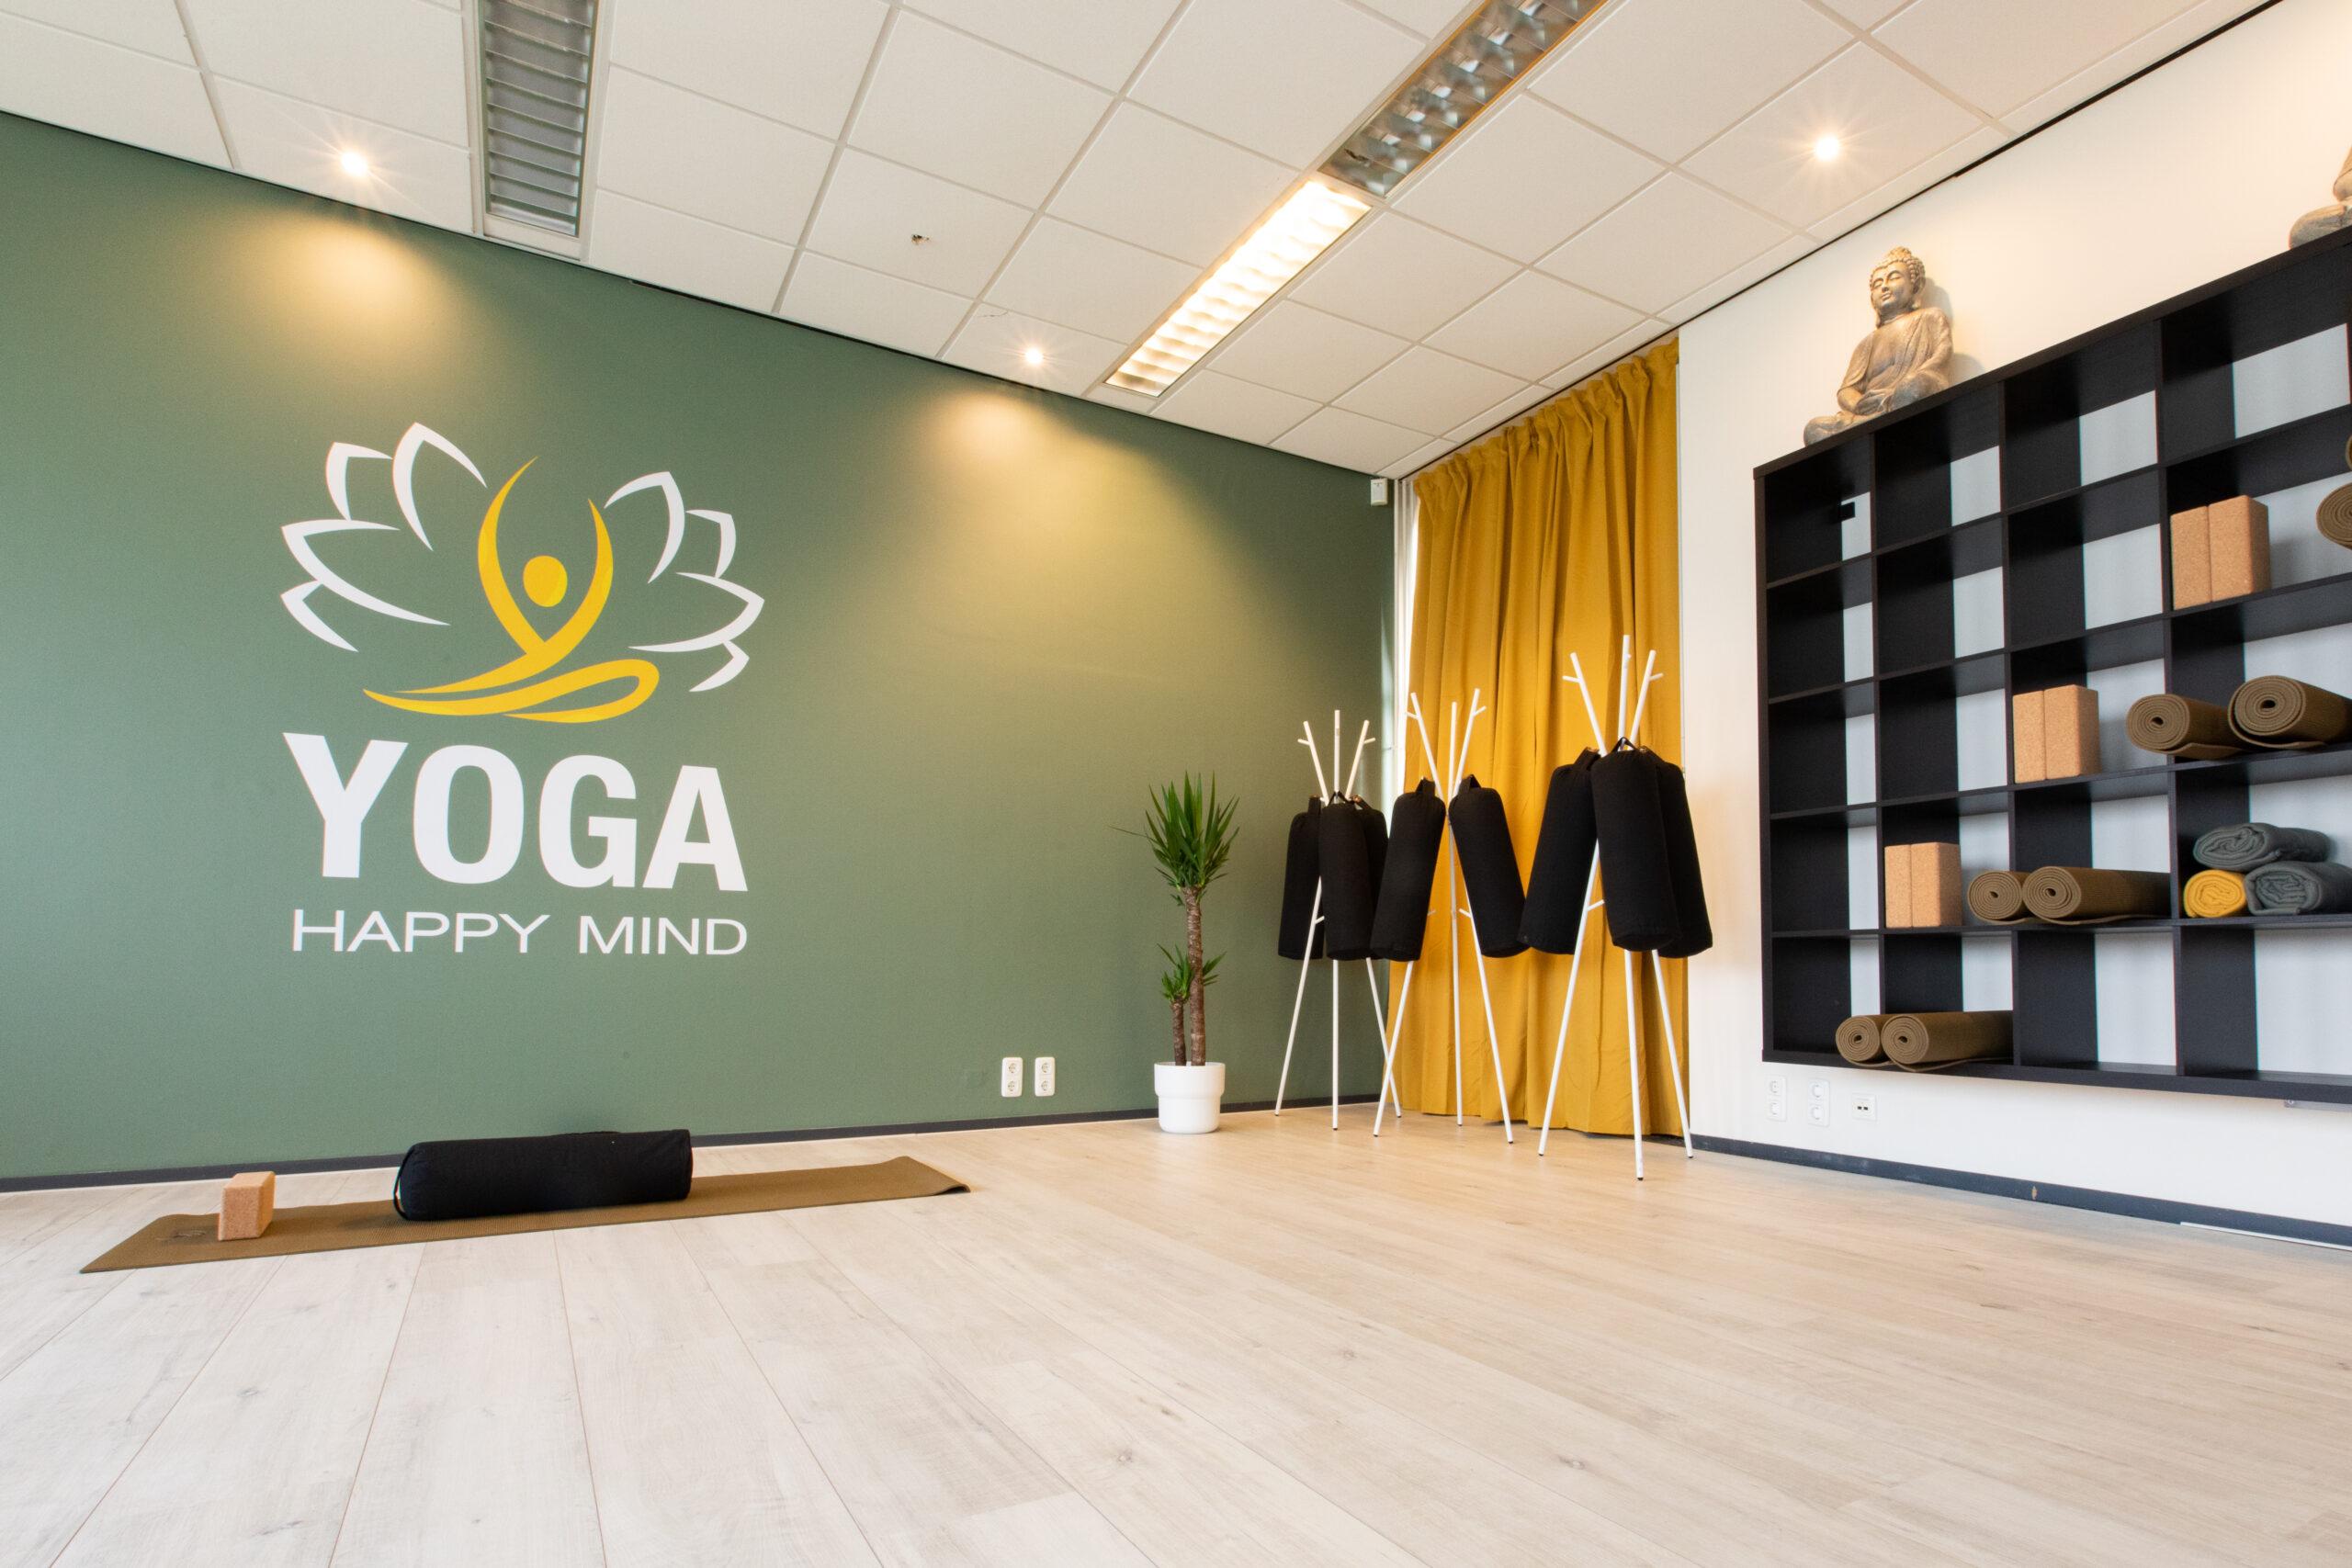 Yoga Studio Stiens Happy Mind